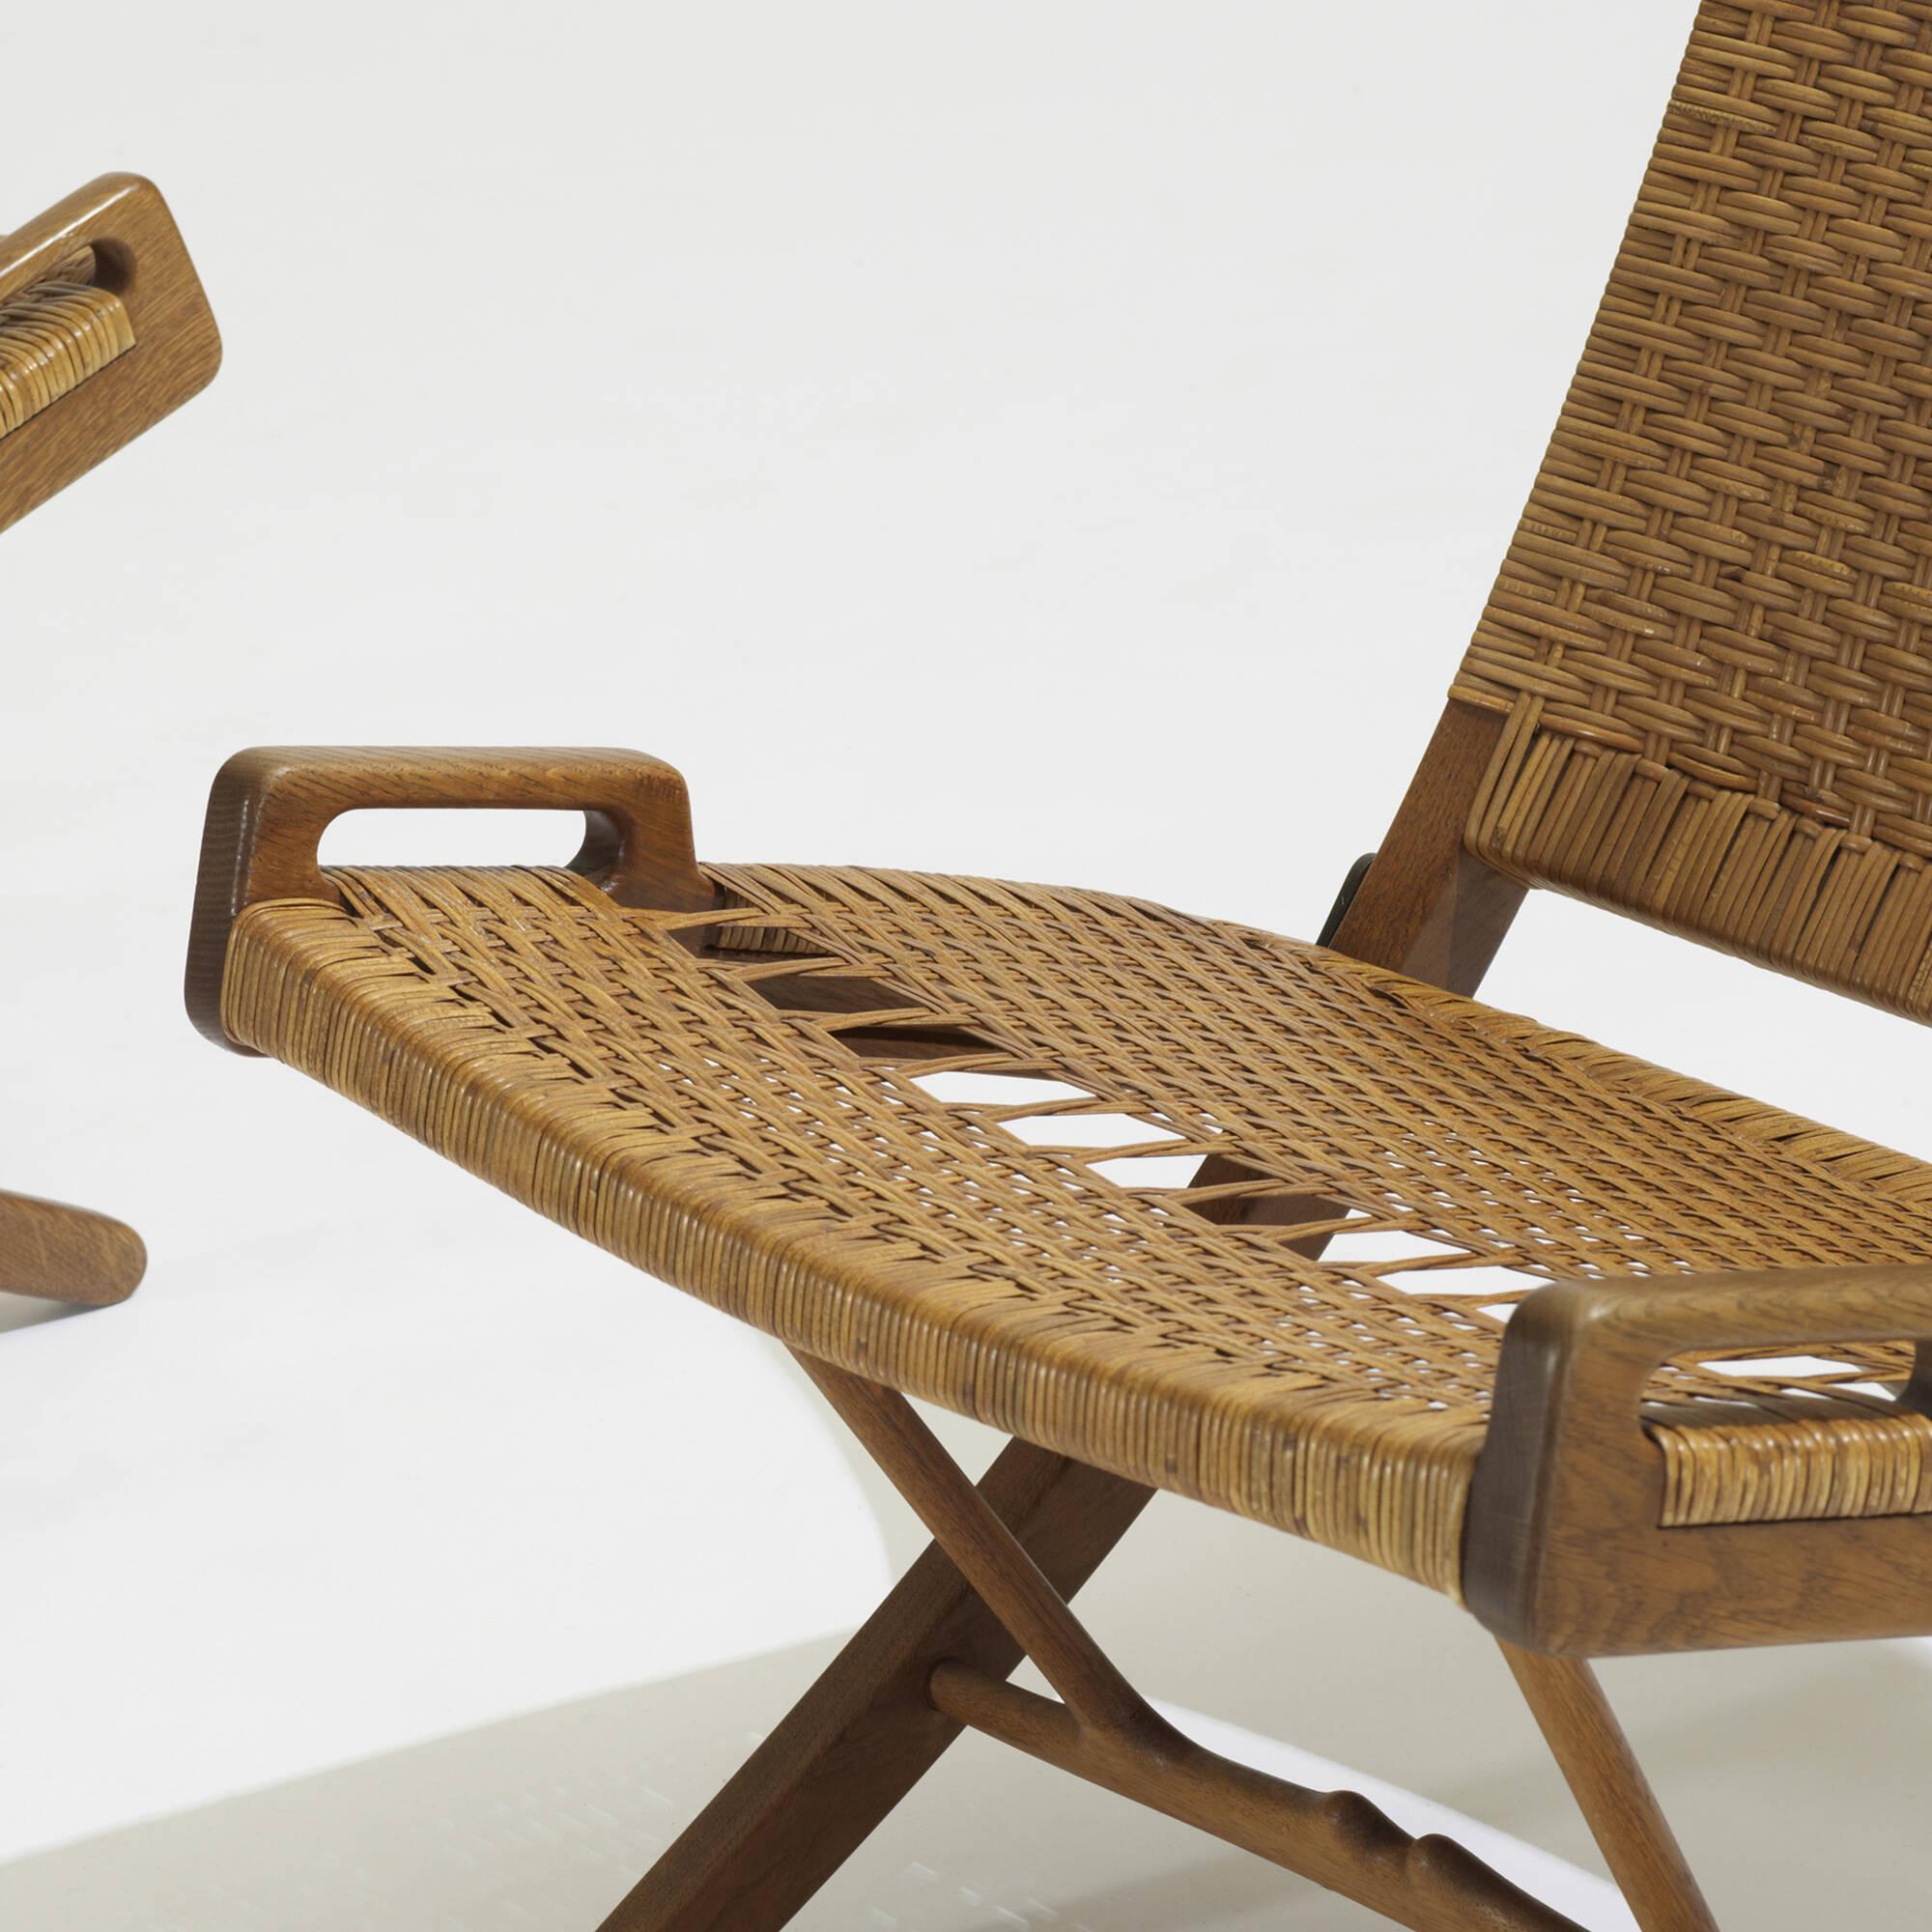 121 Hans J Wegner folding chairs pair Scandinavian Design